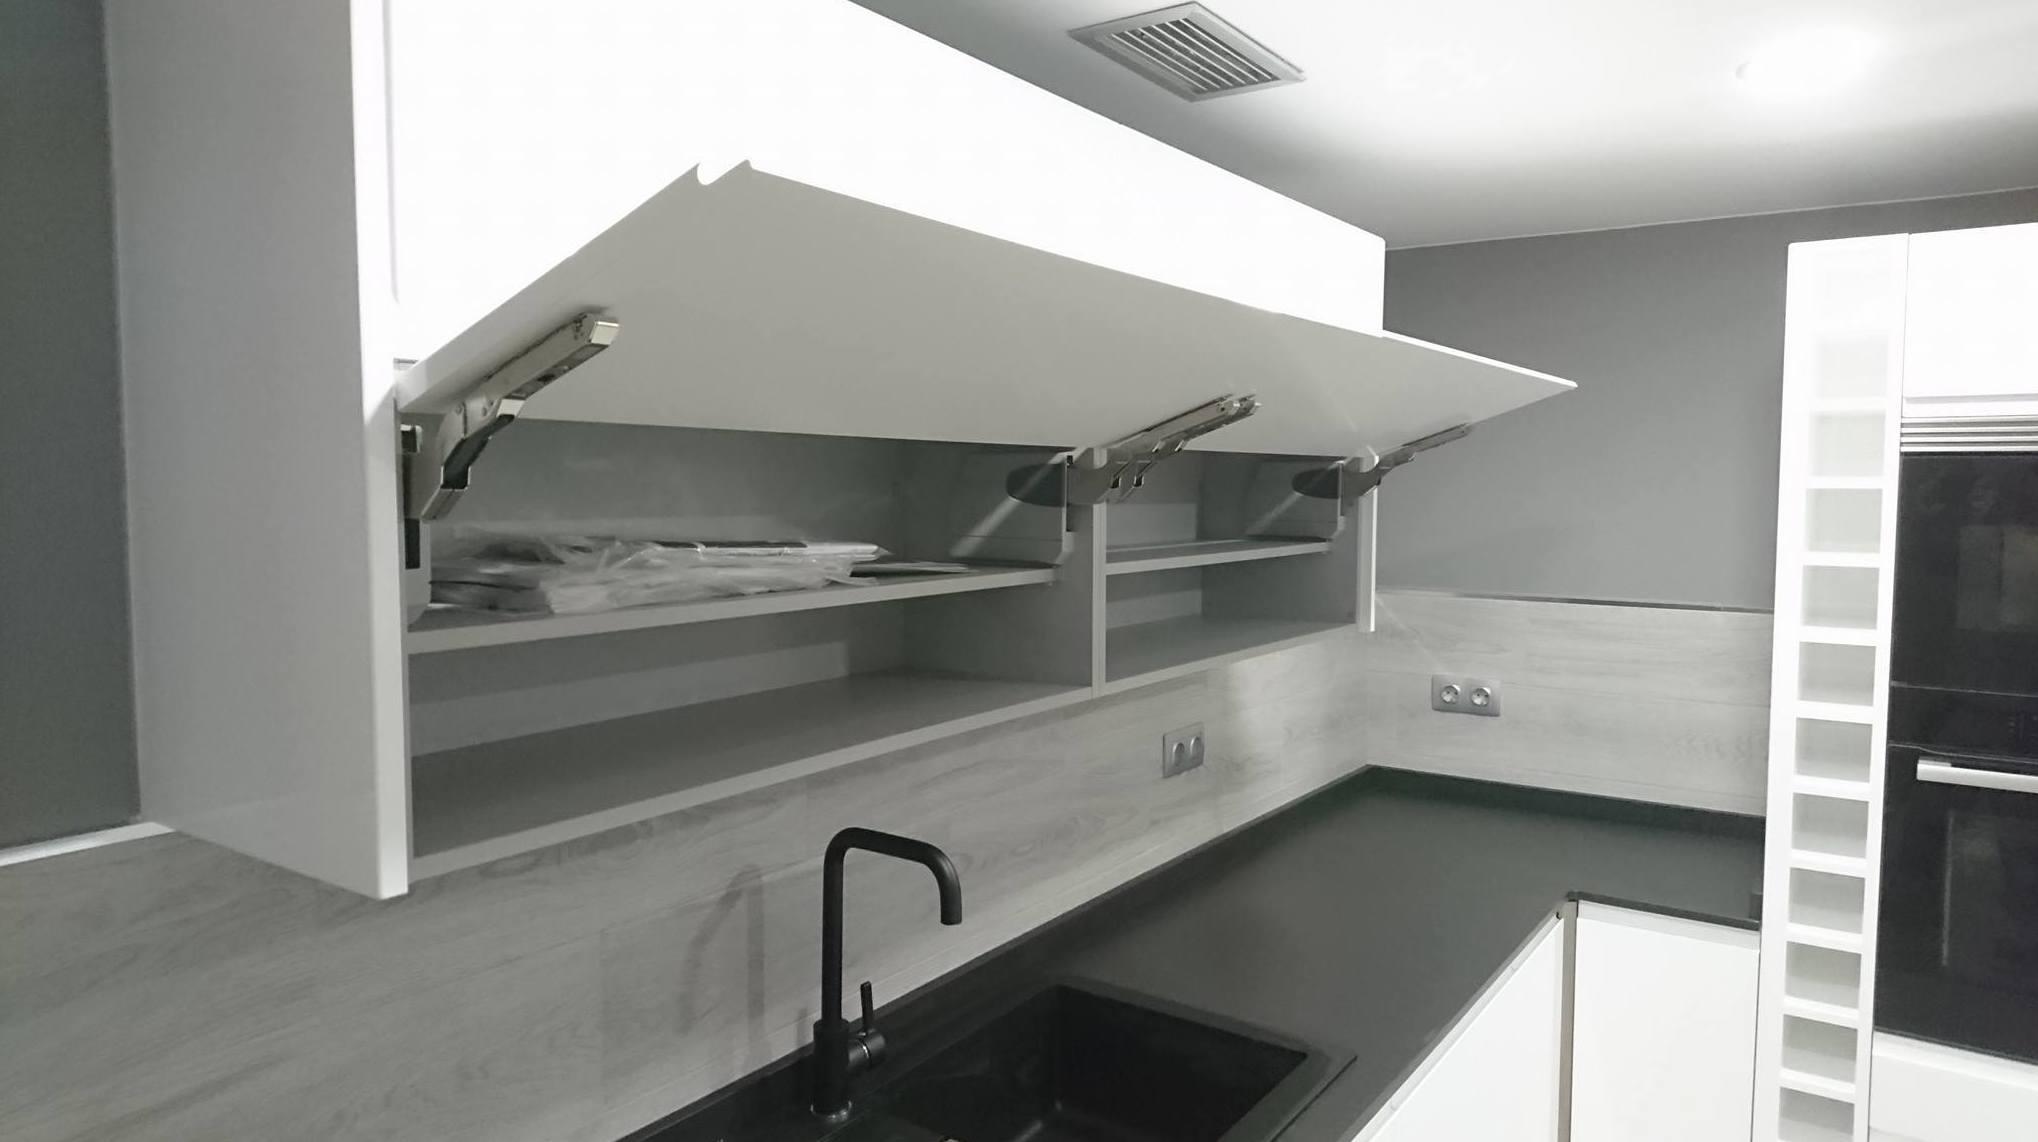 Foto 15 de Muebles de baño y cocina en Oliva | Decocin